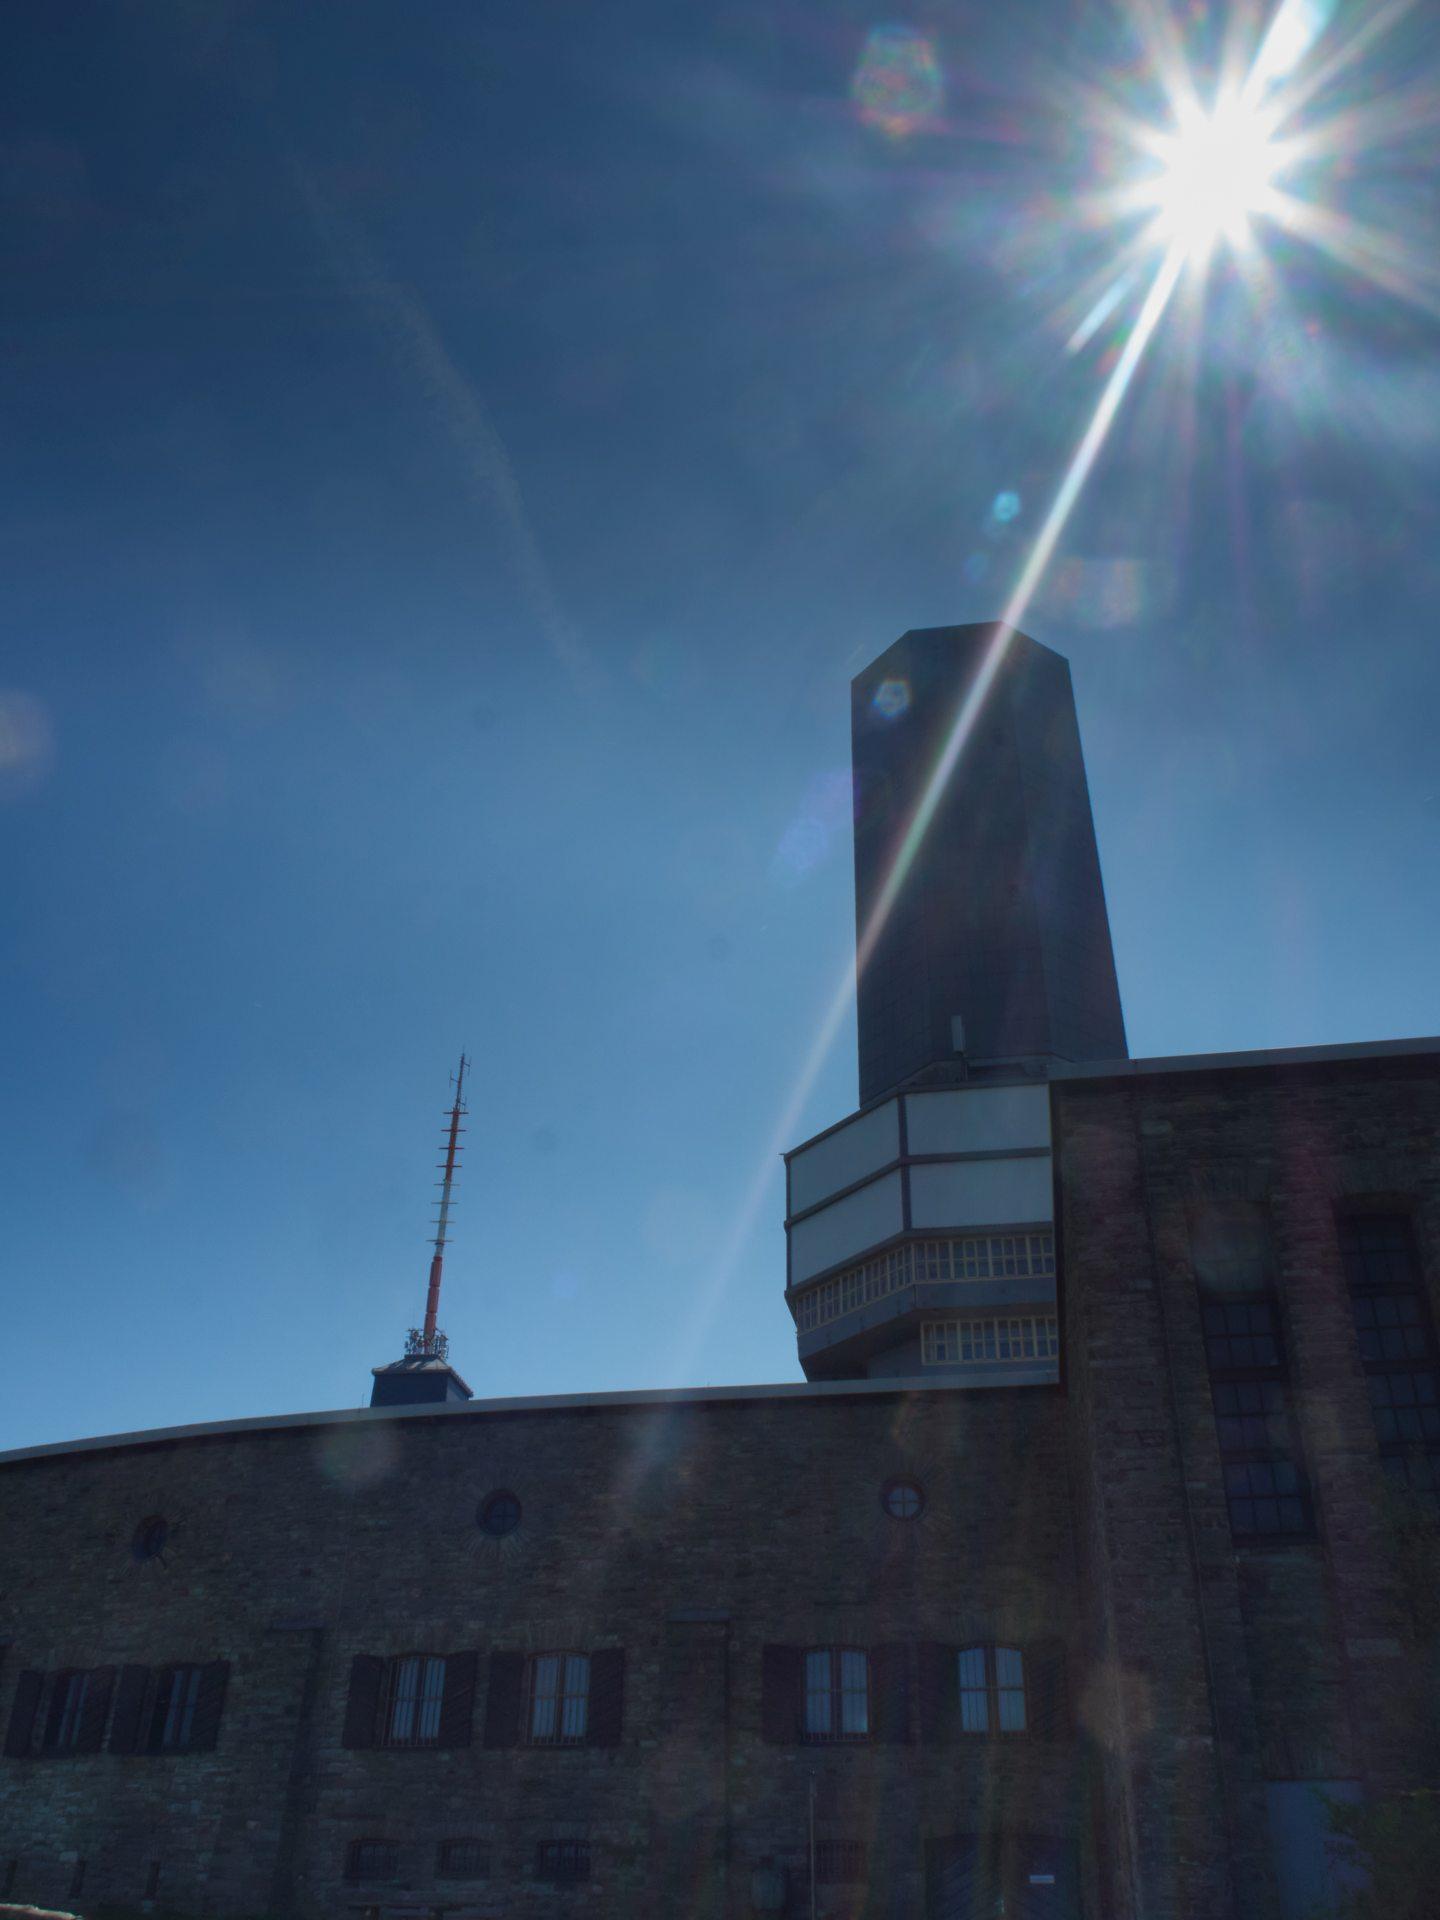 Der Fernsehturm aus den 30er Jahren im Gegenlicht